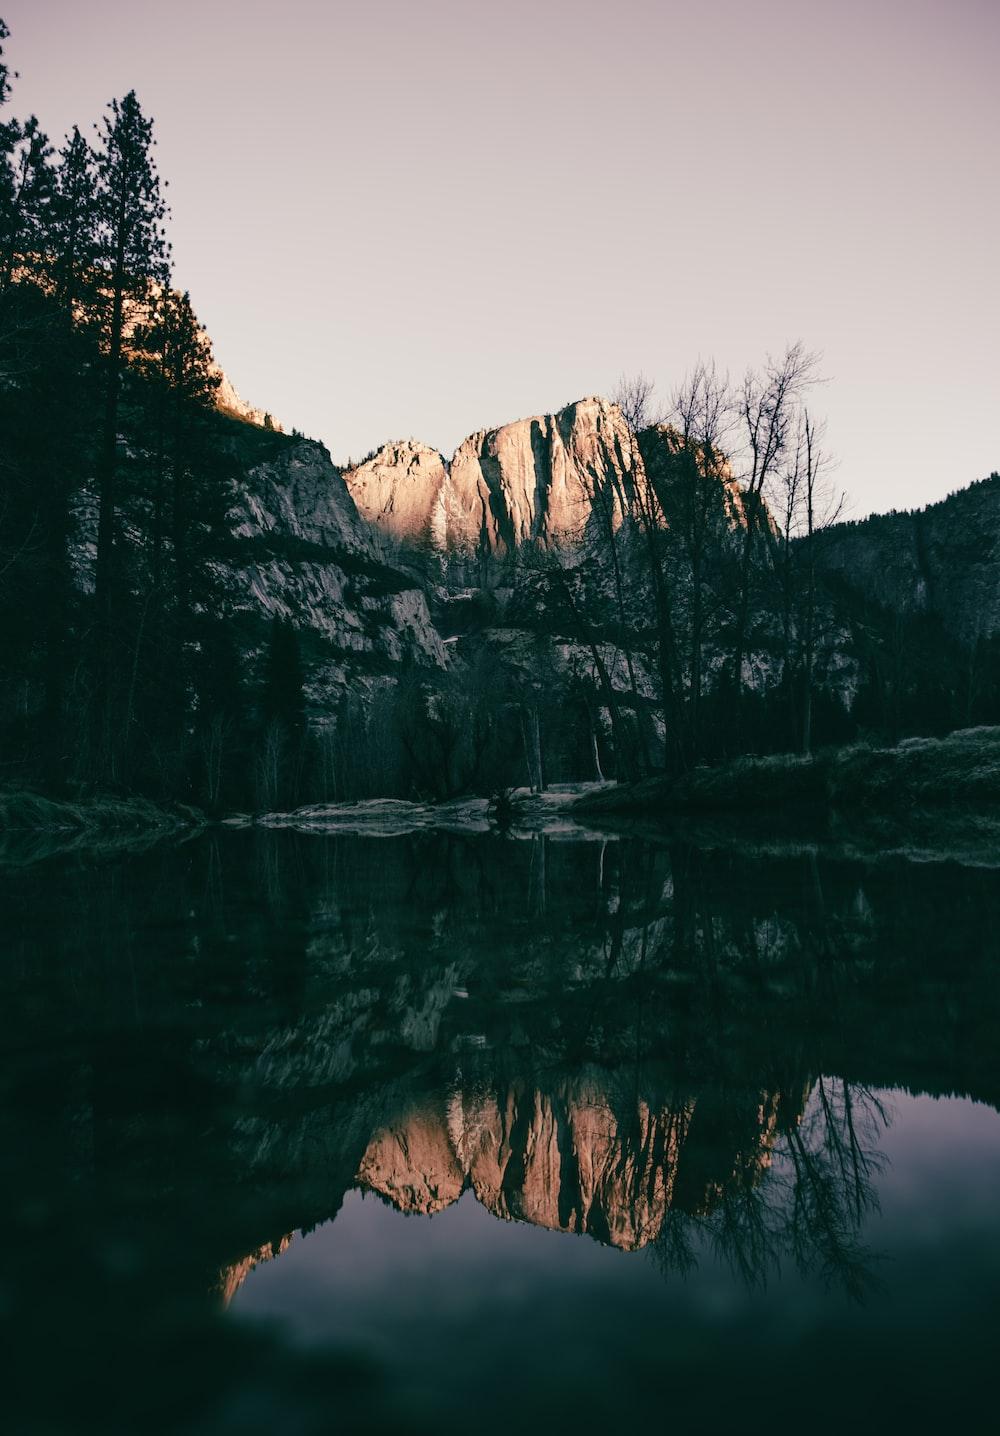 rock mountain across body of water